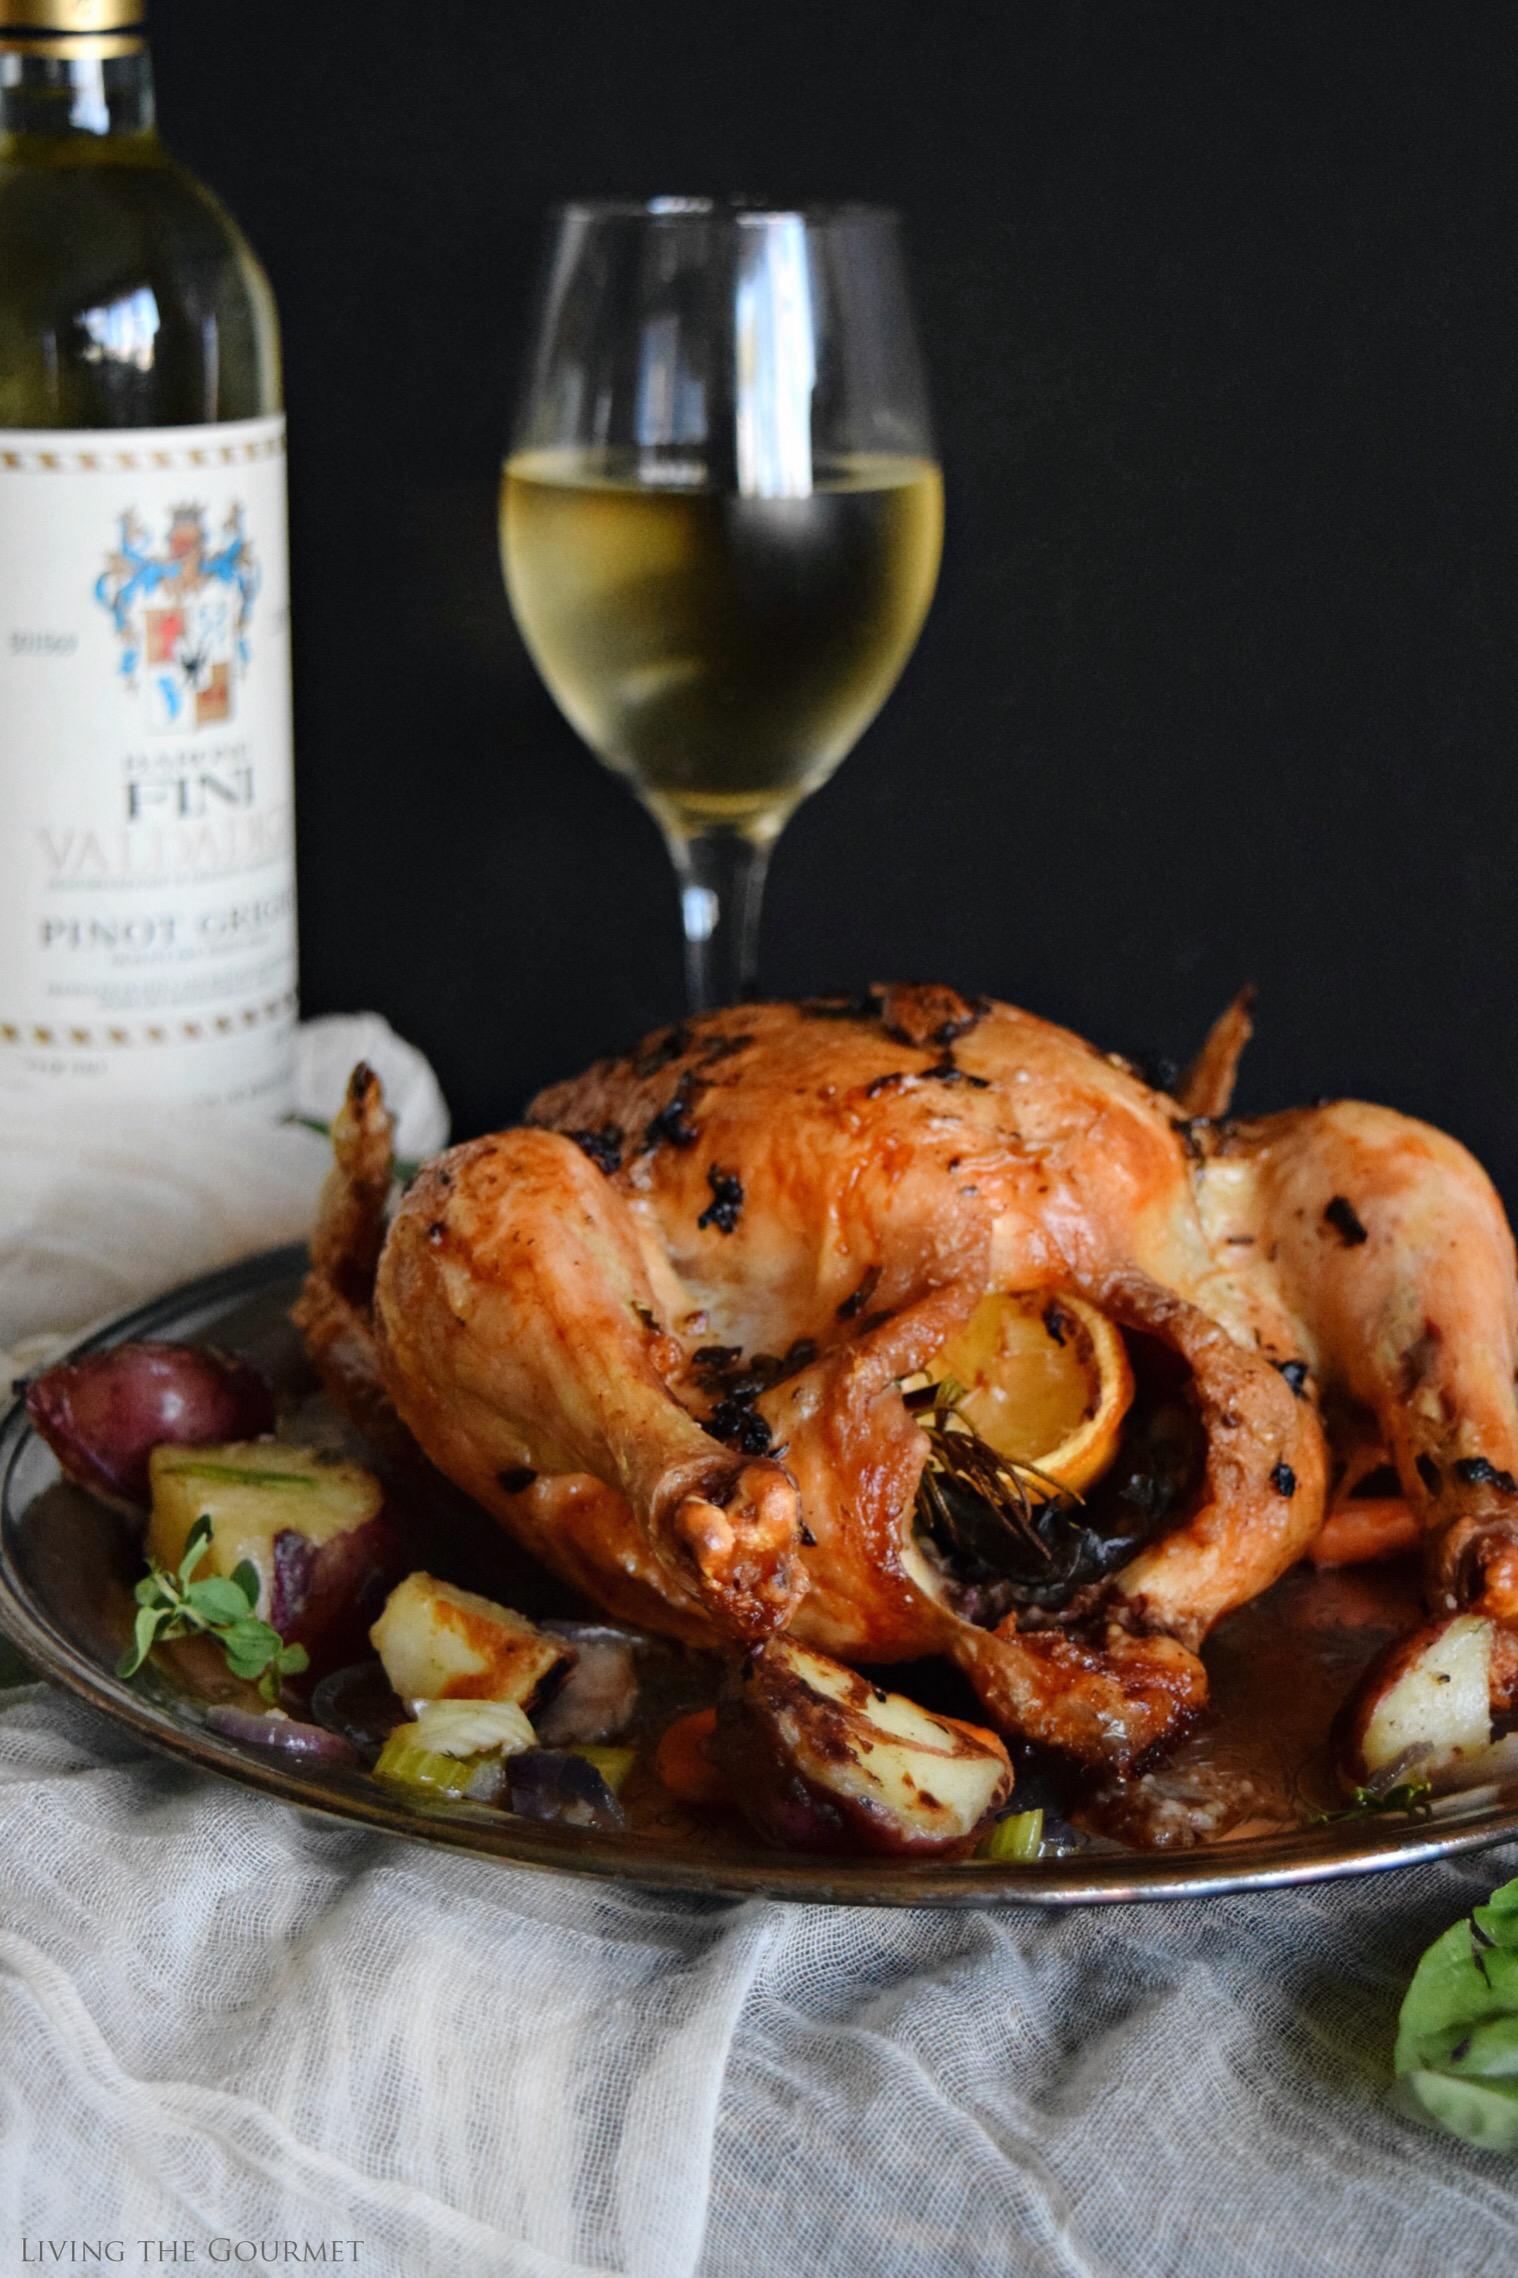 Living the Gourmet: Brown Butter Summer Roast Chicken